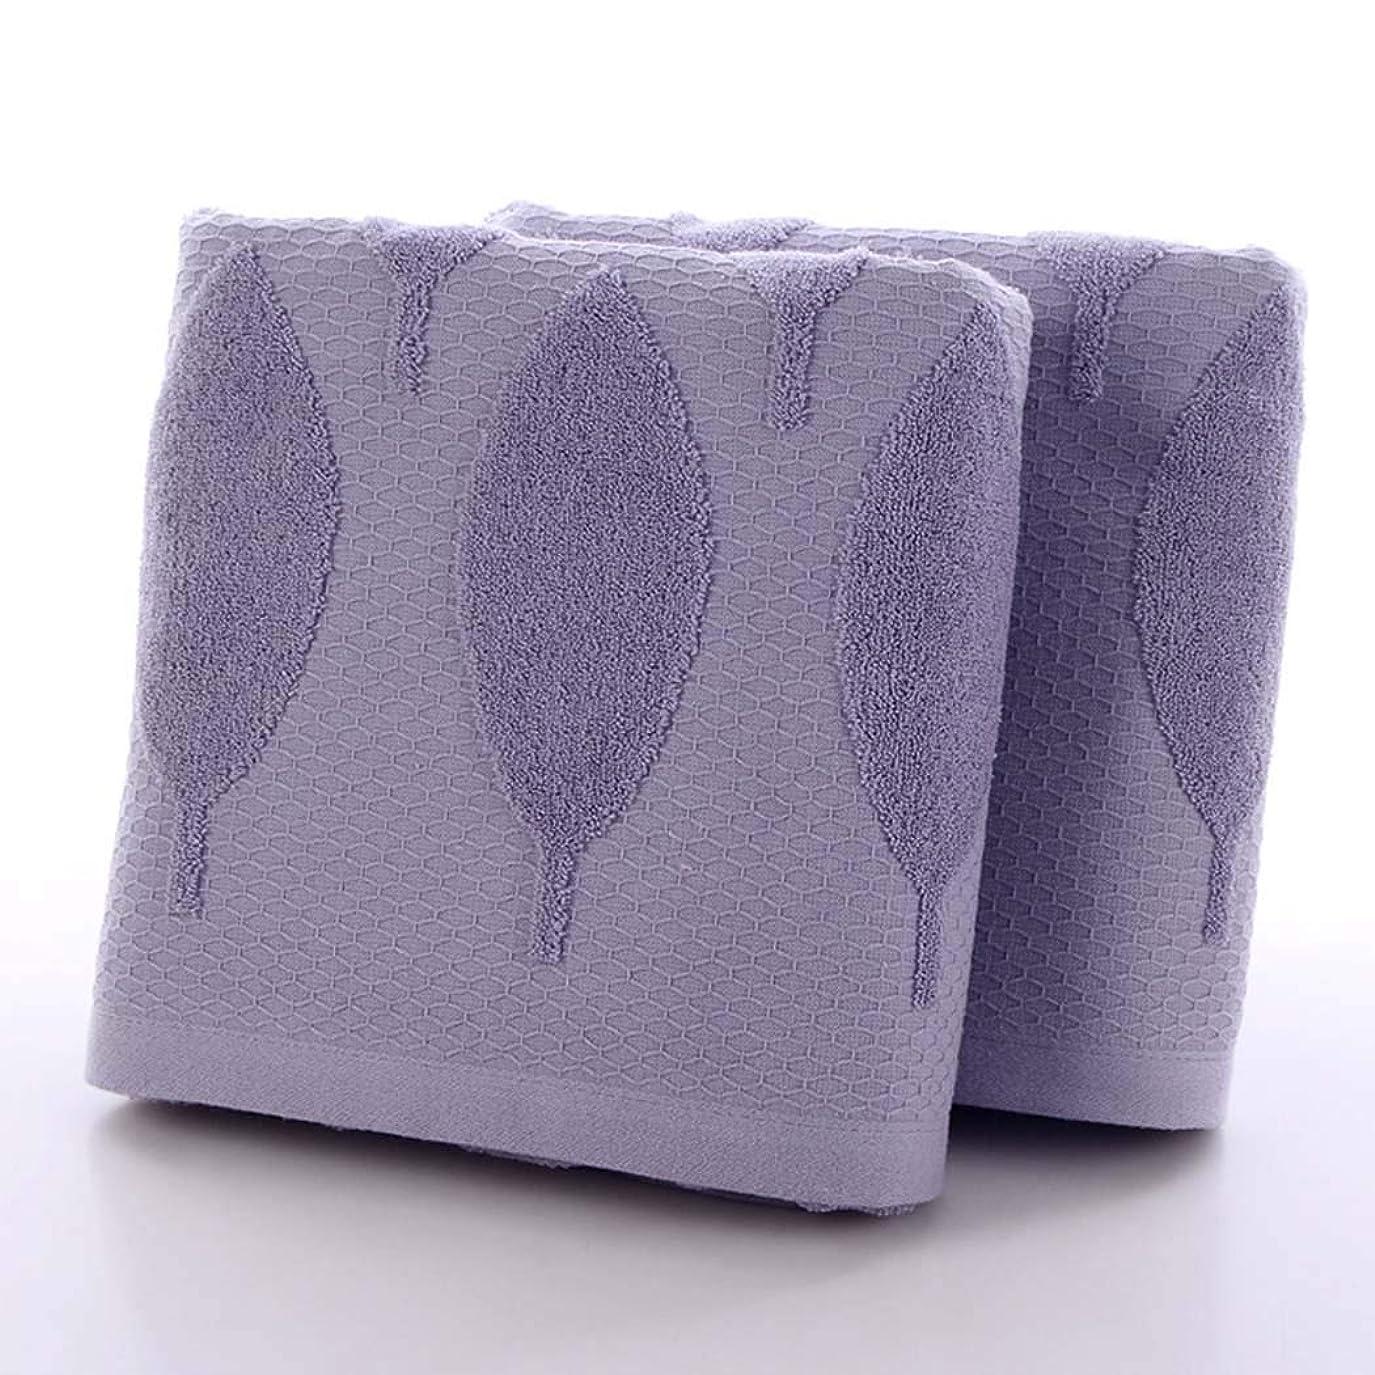 であることアダルト好ましい柔らかい快適な綿のハンドタオルの速い乾燥したタオル,Blue,35*75cm